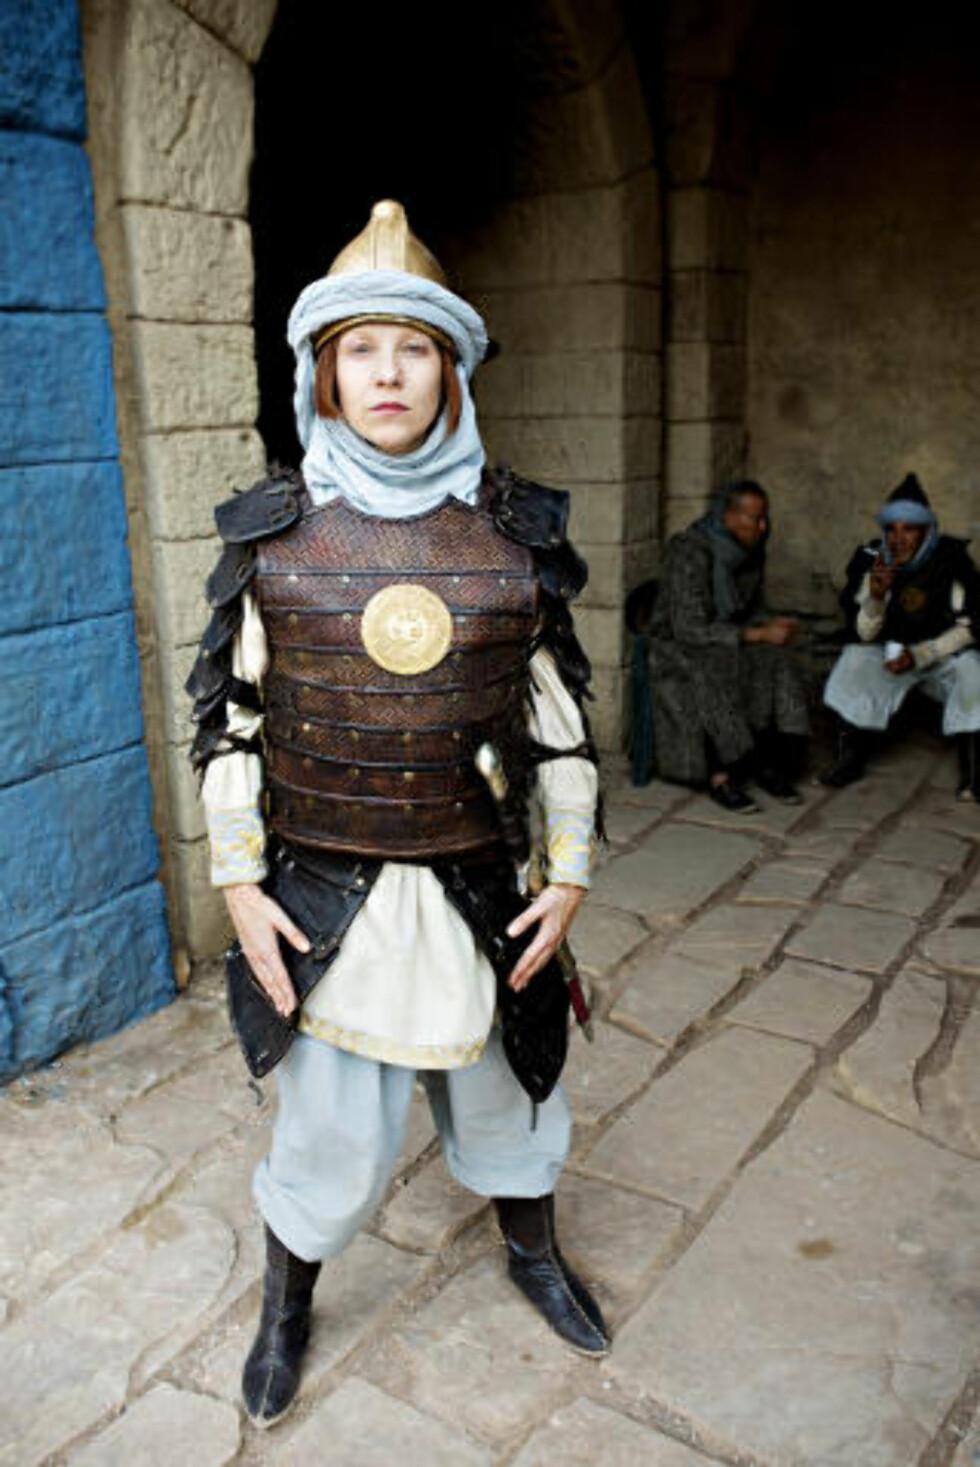 UGJENKJENNELIG: Janne Formoe, som har spilt flere roller i farens Sabeltann-univers, spiller hovedvakten i Lama Rama.